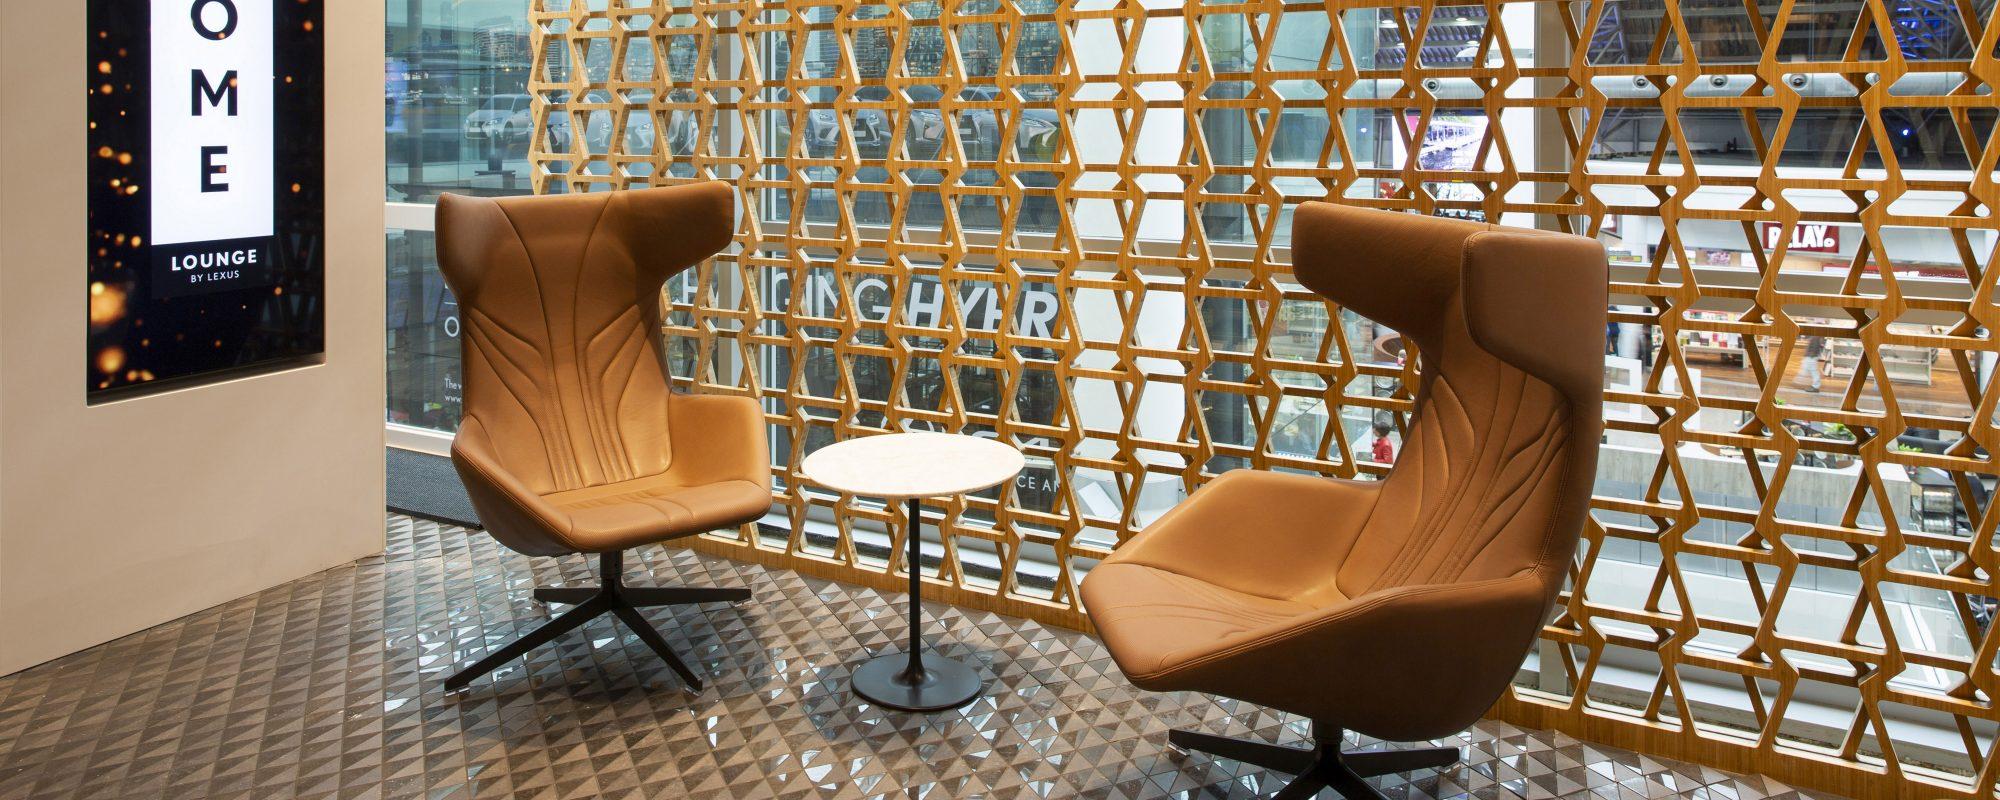 Lounge van Lexus op Brussels Airport beste in Europa